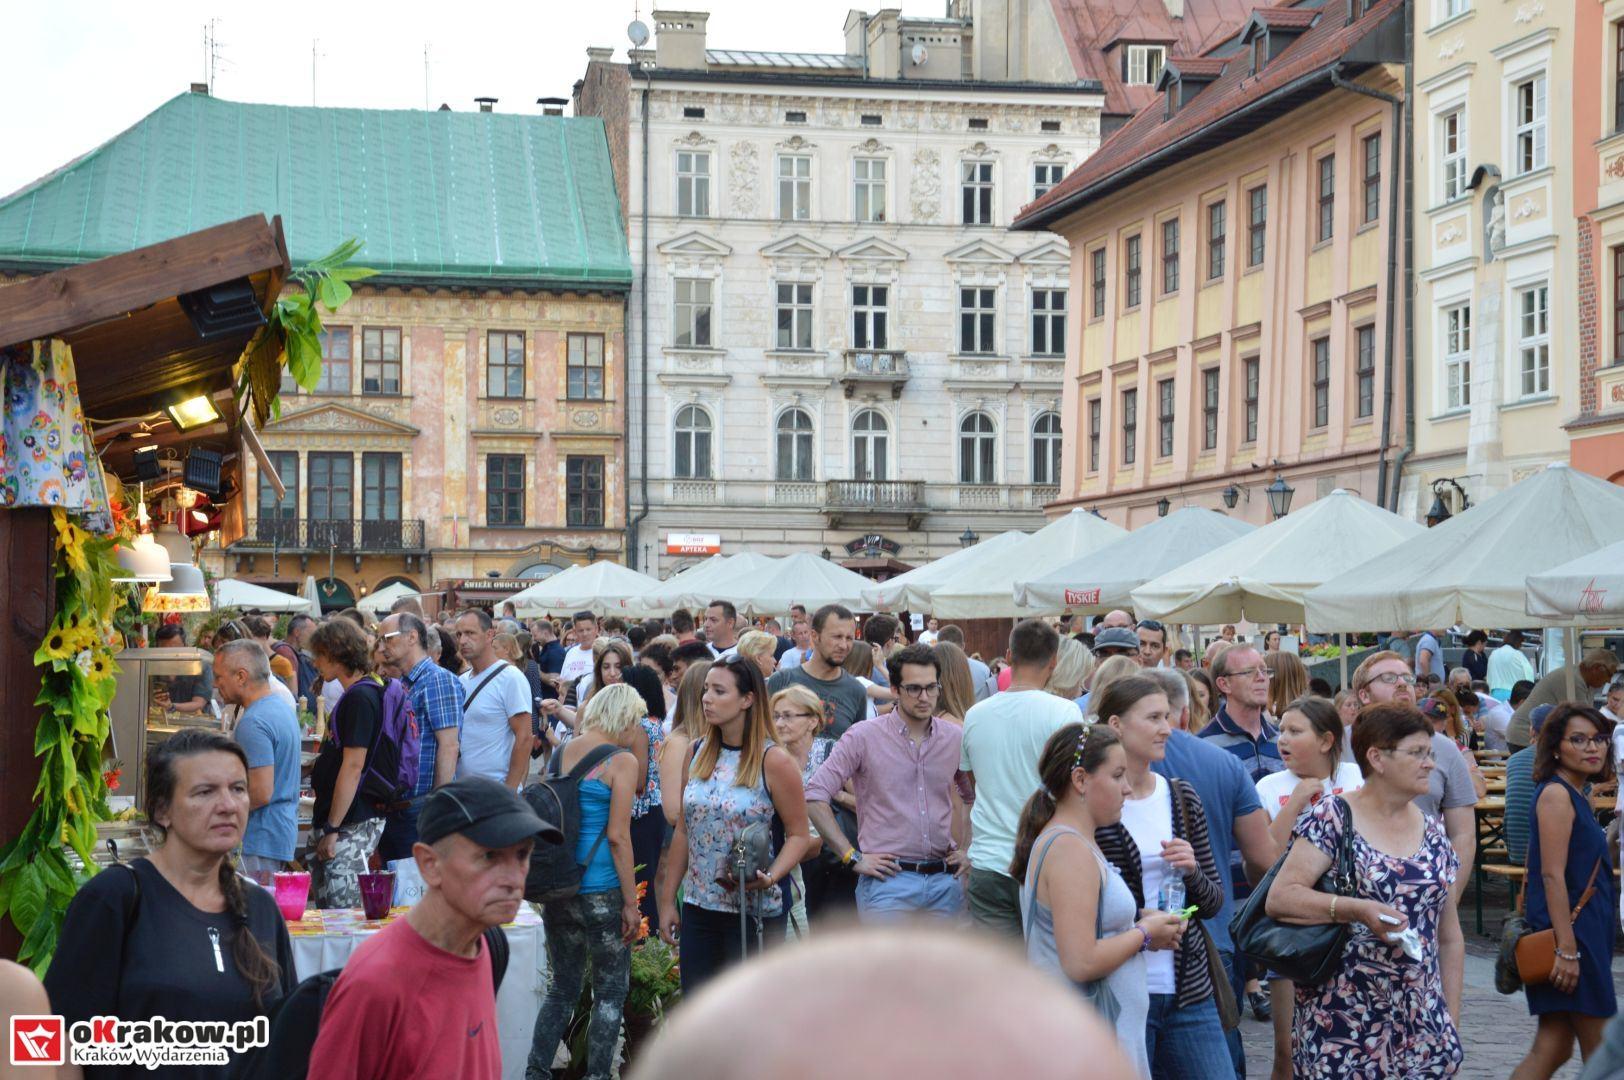 krakow festiwal pierogow maly rynek koncert cheap tobacco 112 150x150 - Galeria zdjęć Festiwal Pierogów Kraków 2018 + zdjęcia z koncertu Cheap Tobacco